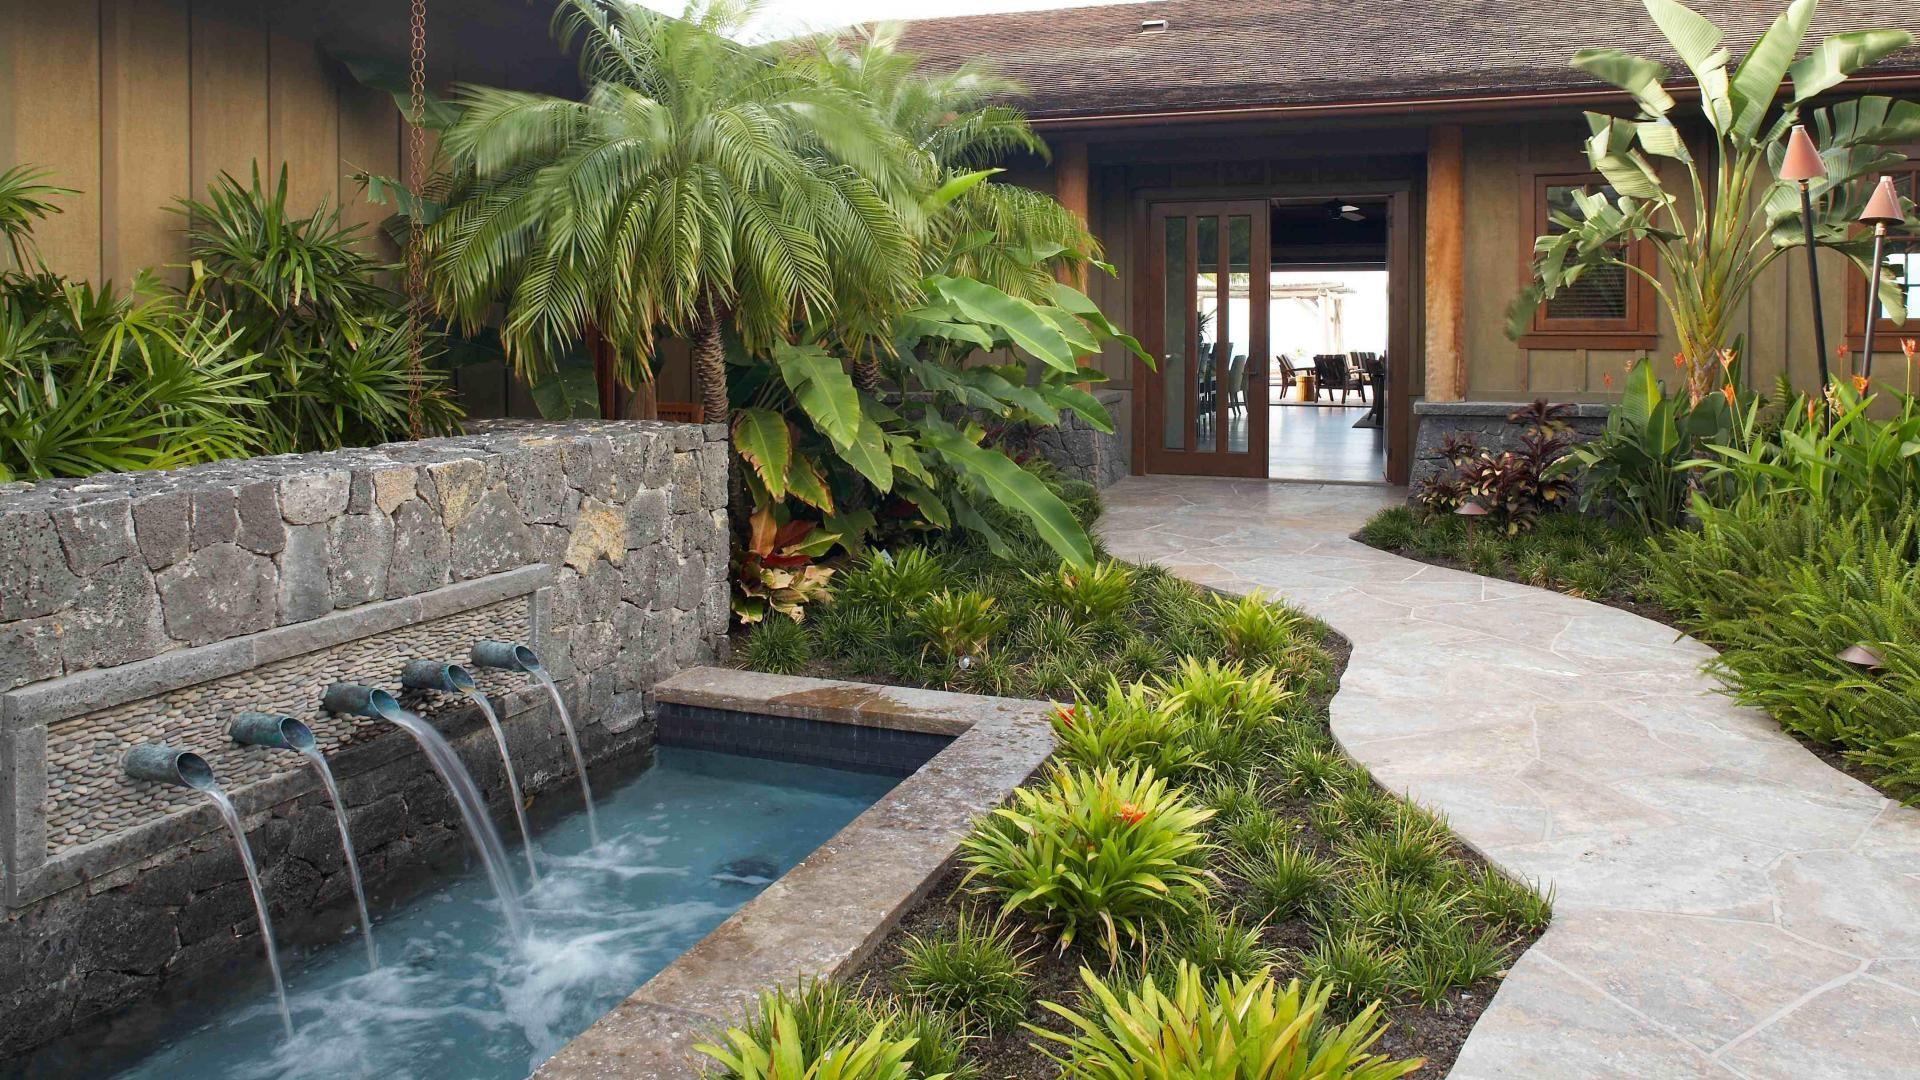 1920x1080 Beautiful Hawaiian Zen Garden With Waterfall And